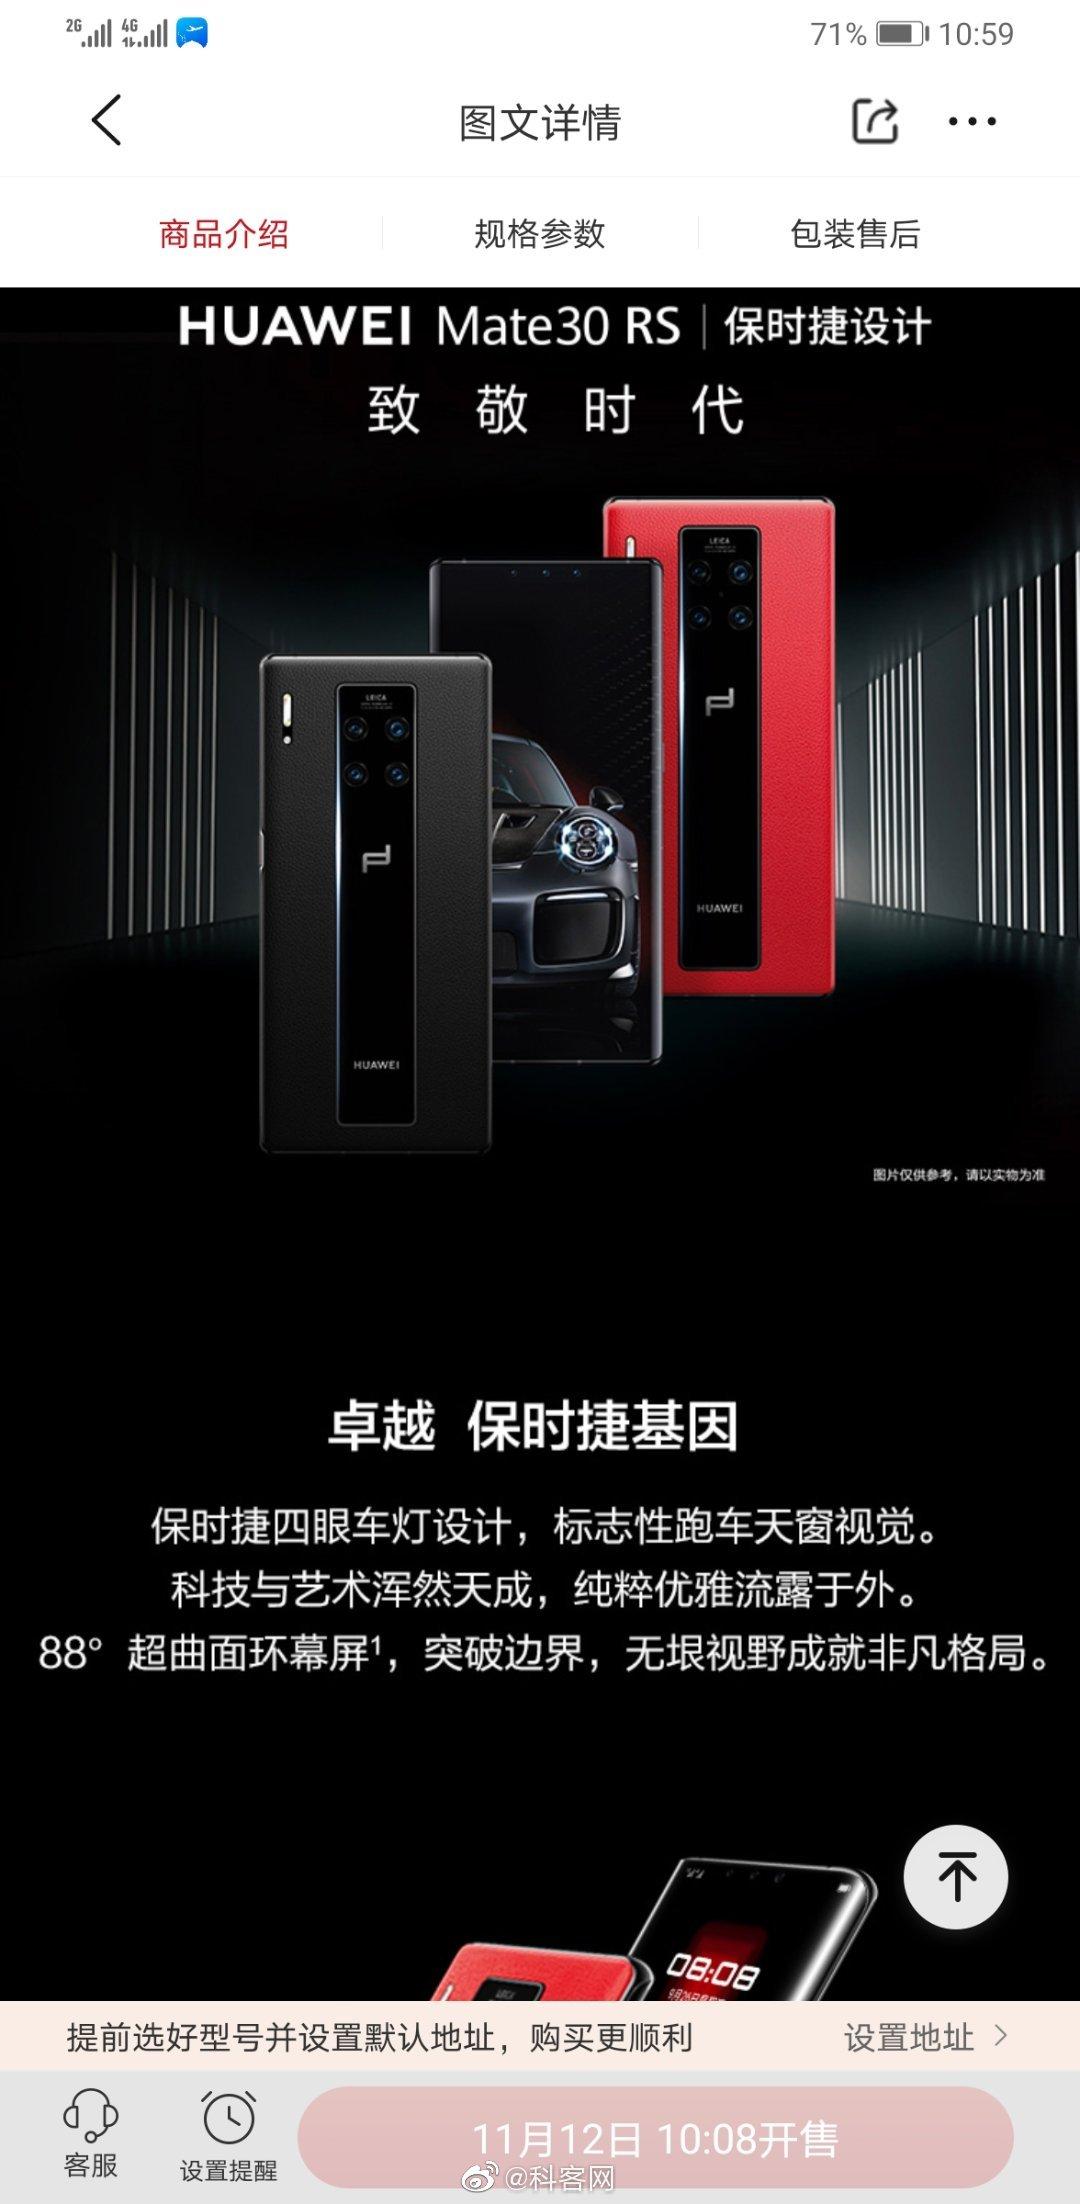 华为Mate30 RS保时捷设计从11月10日起开卖,已经有消费者拿到手了